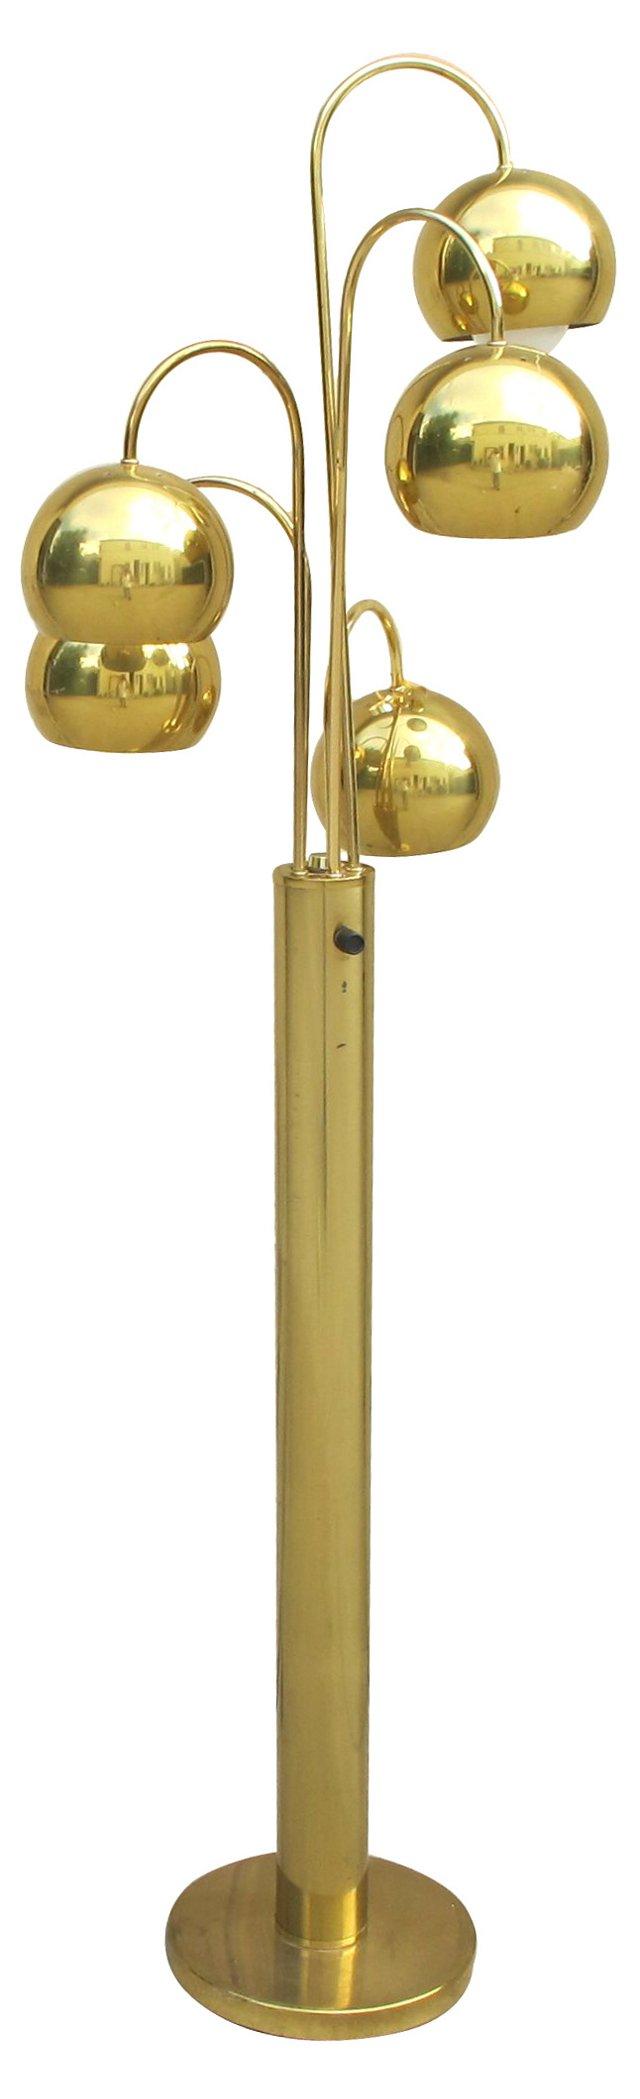 1960s 5-Light Brass Floor Lamp